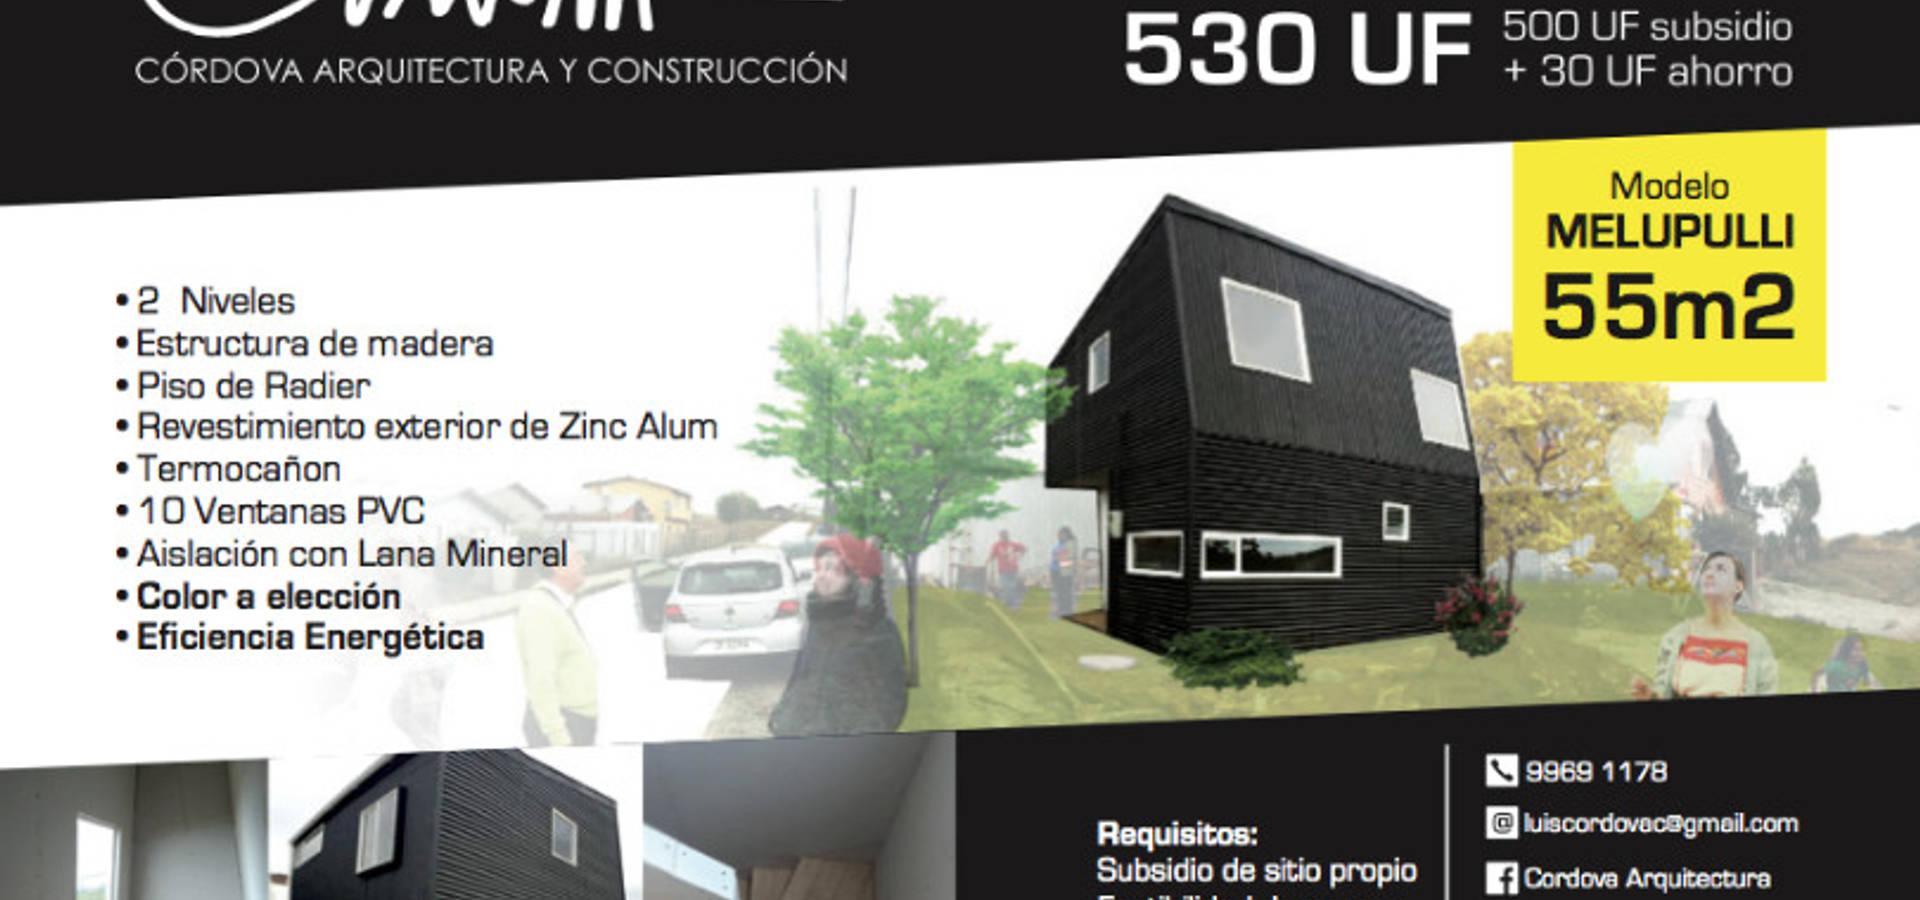 Cordova Arquitectura y Construcción .